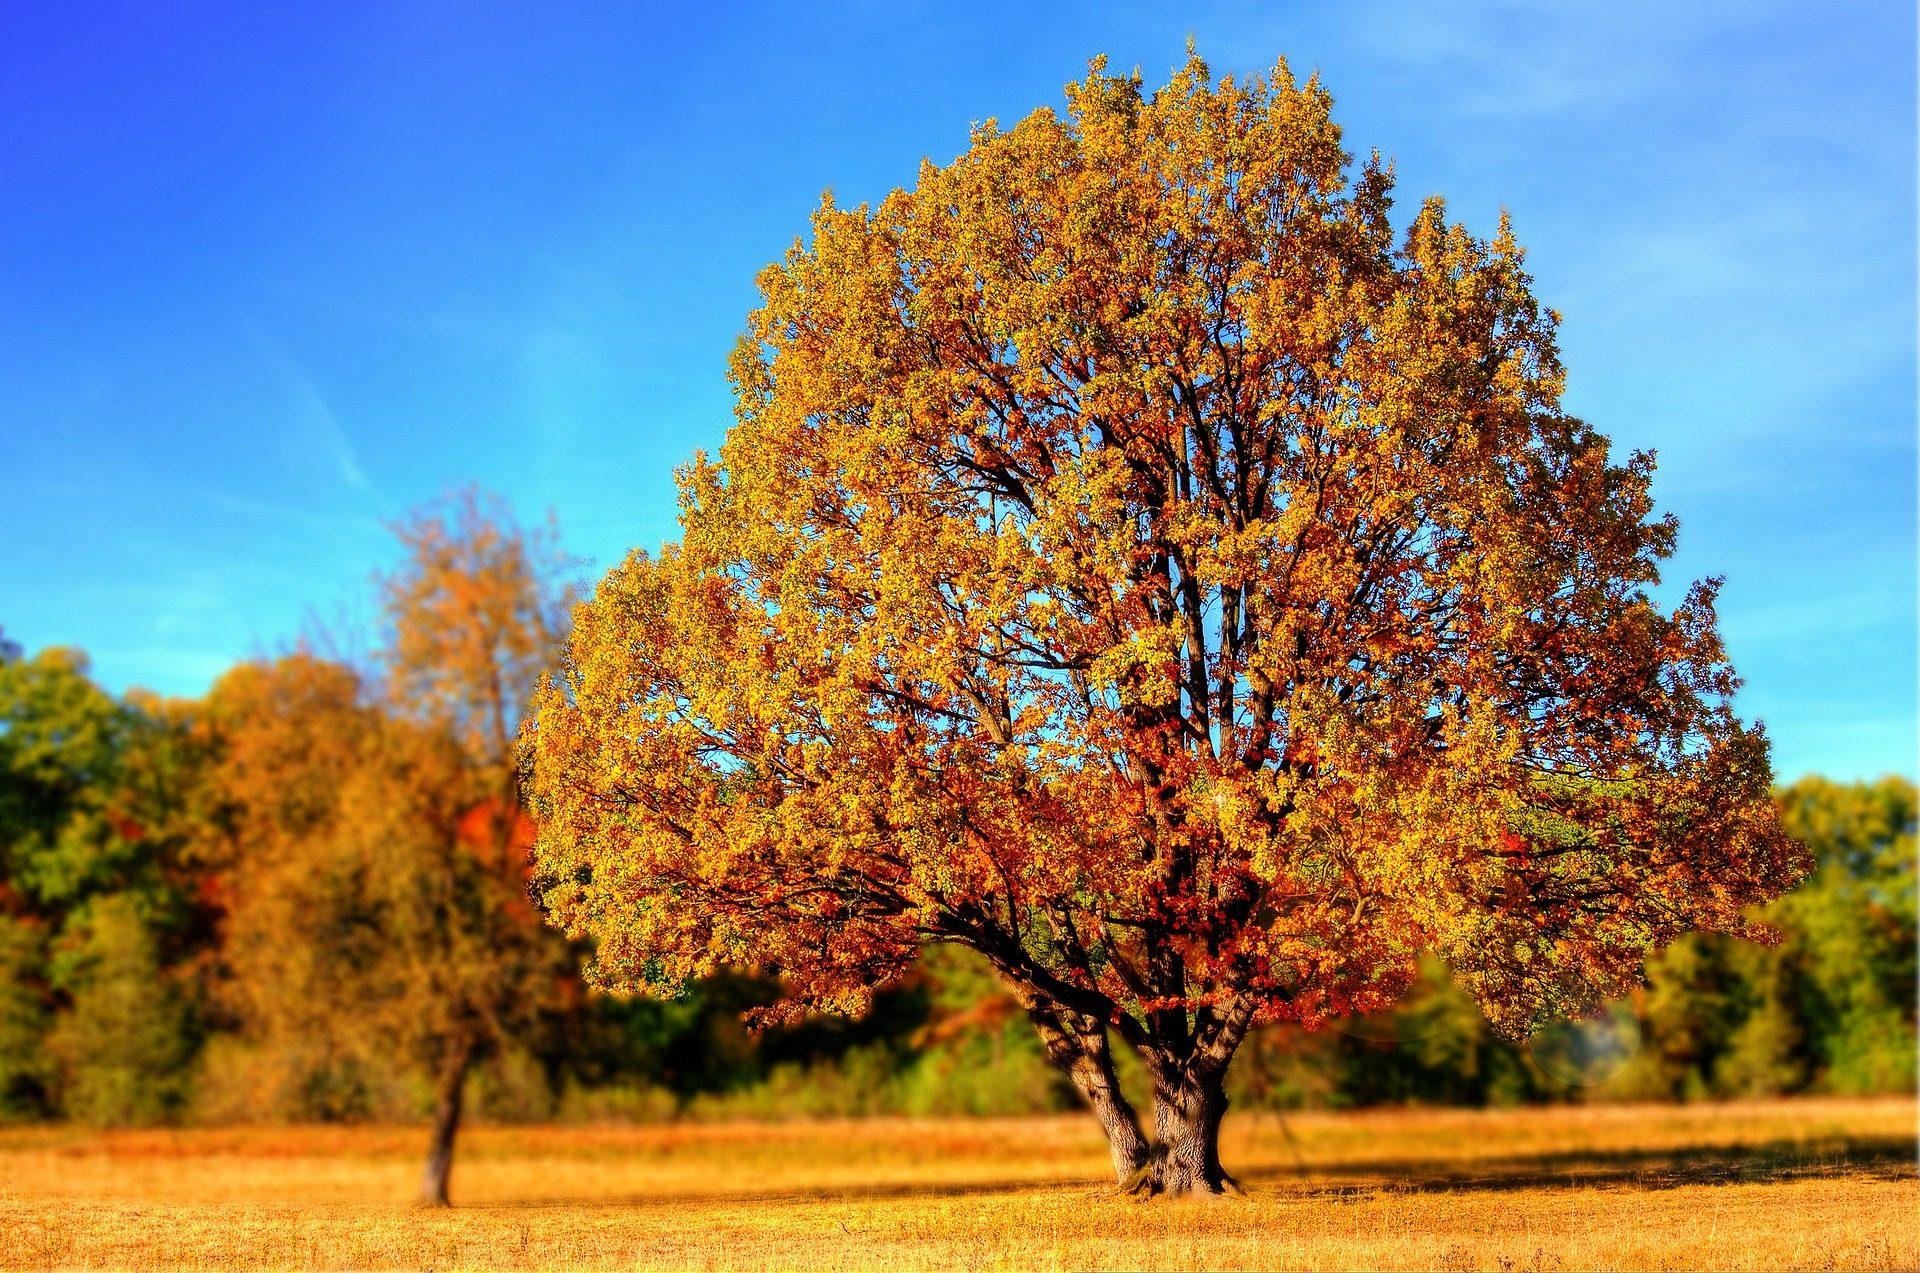 树, 森林, 秋天, 叶子, 落叶, 多拉多 - 高清壁纸 - 教授-falken.com